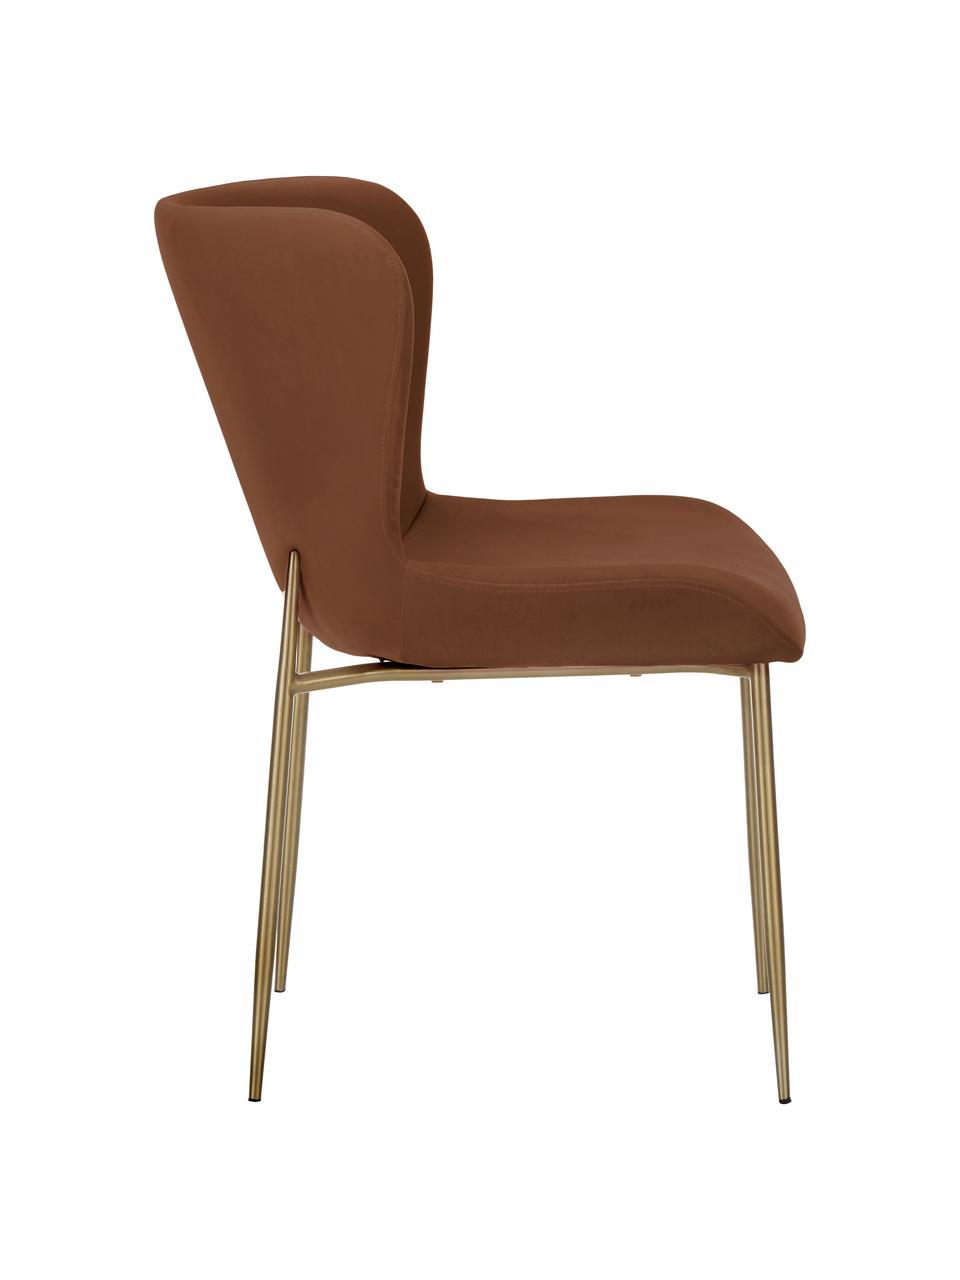 Sedia imbottita in tessuto marrone Tess, Rivestimento: velluto (poliestere) Il r, Gambe: metallo verniciato a polv, Velluto marrone, dorato, Larg. 49 x Alt. 84 cm